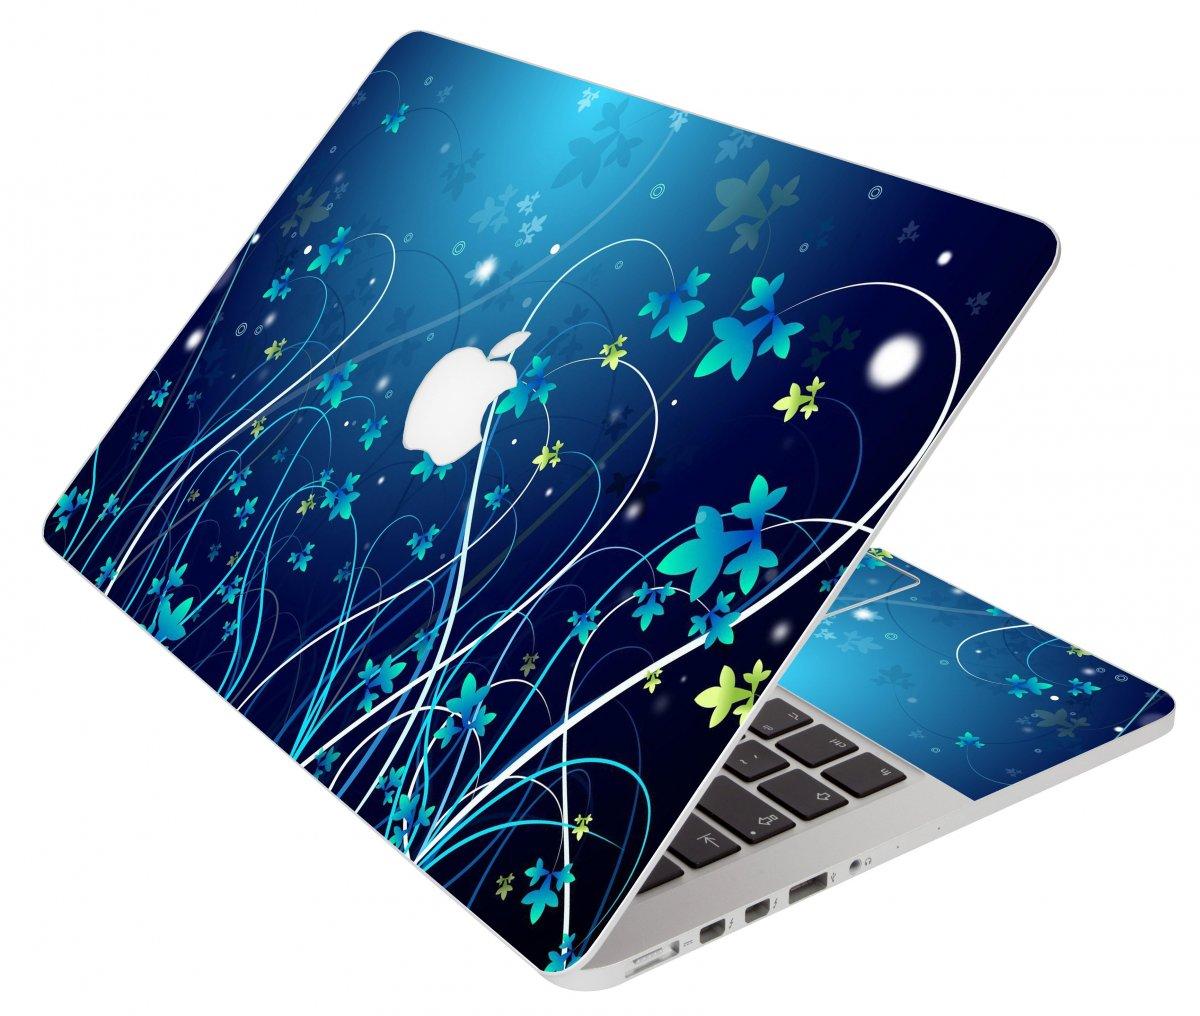 Blue Flower Apple Macbook Pro 15 A1286 Laptop Skin ...